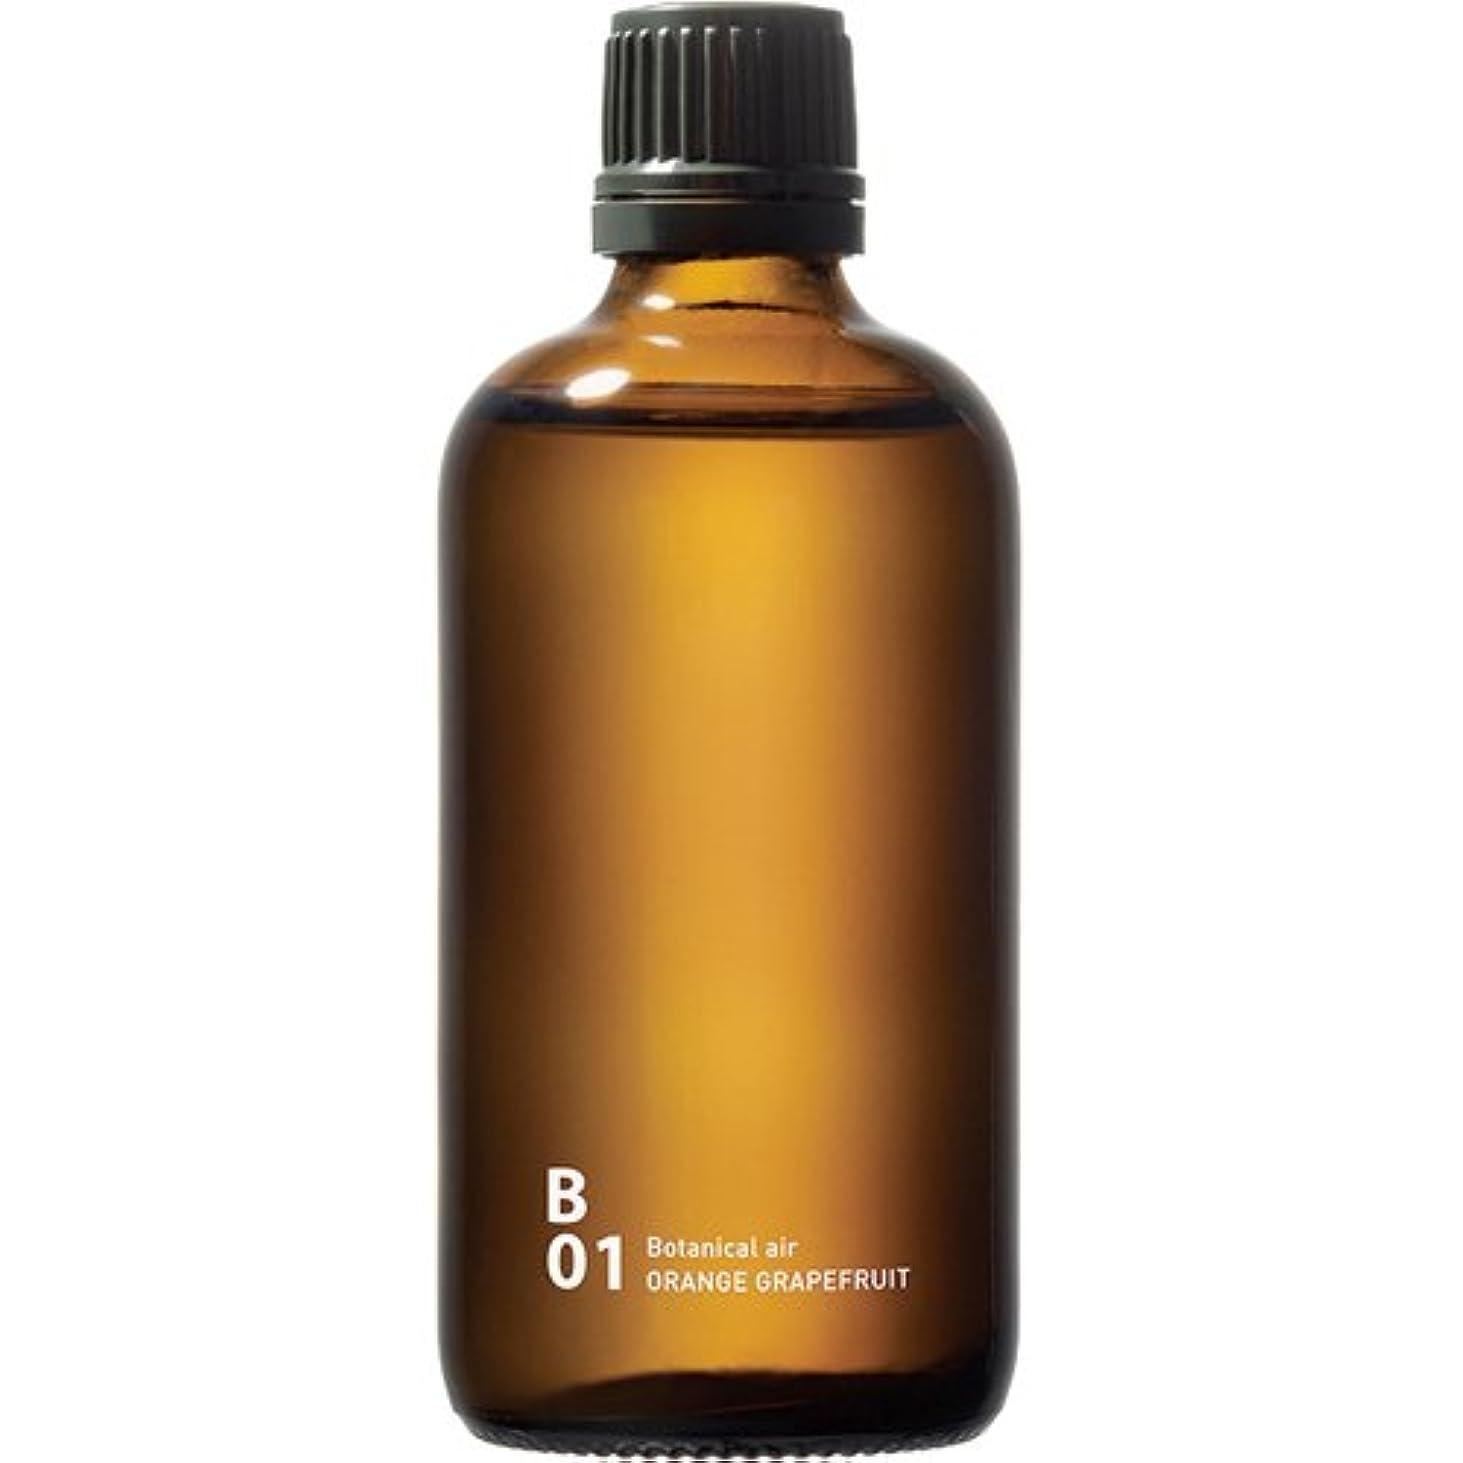 モロニック簡単に負担B01 ORANGE GRAPEFRUIT piezo aroma oil 100ml